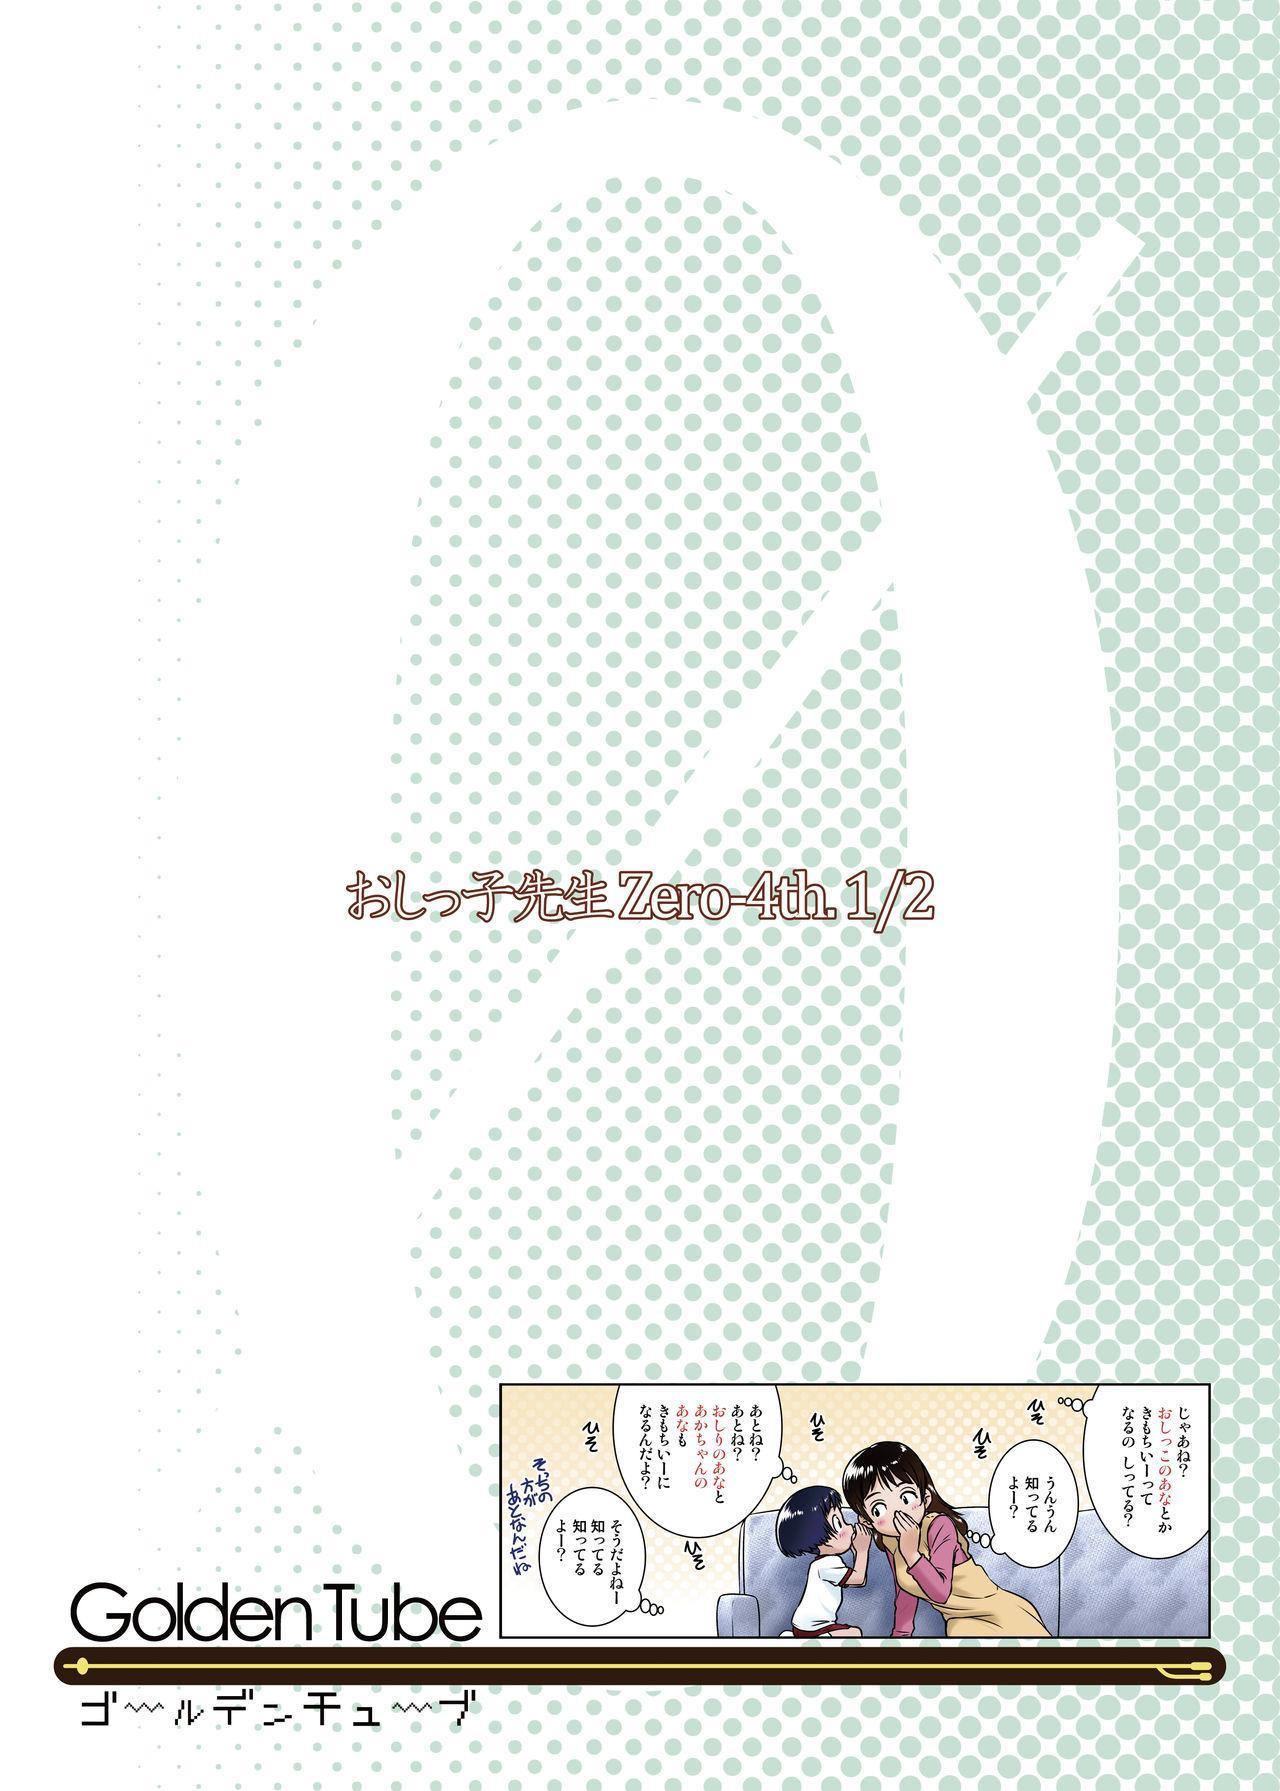 [Golden Tube (Ogu)] 3-sai kara no Oshikko Sensei - IV Zenpen [Decensored] [Digital] 15